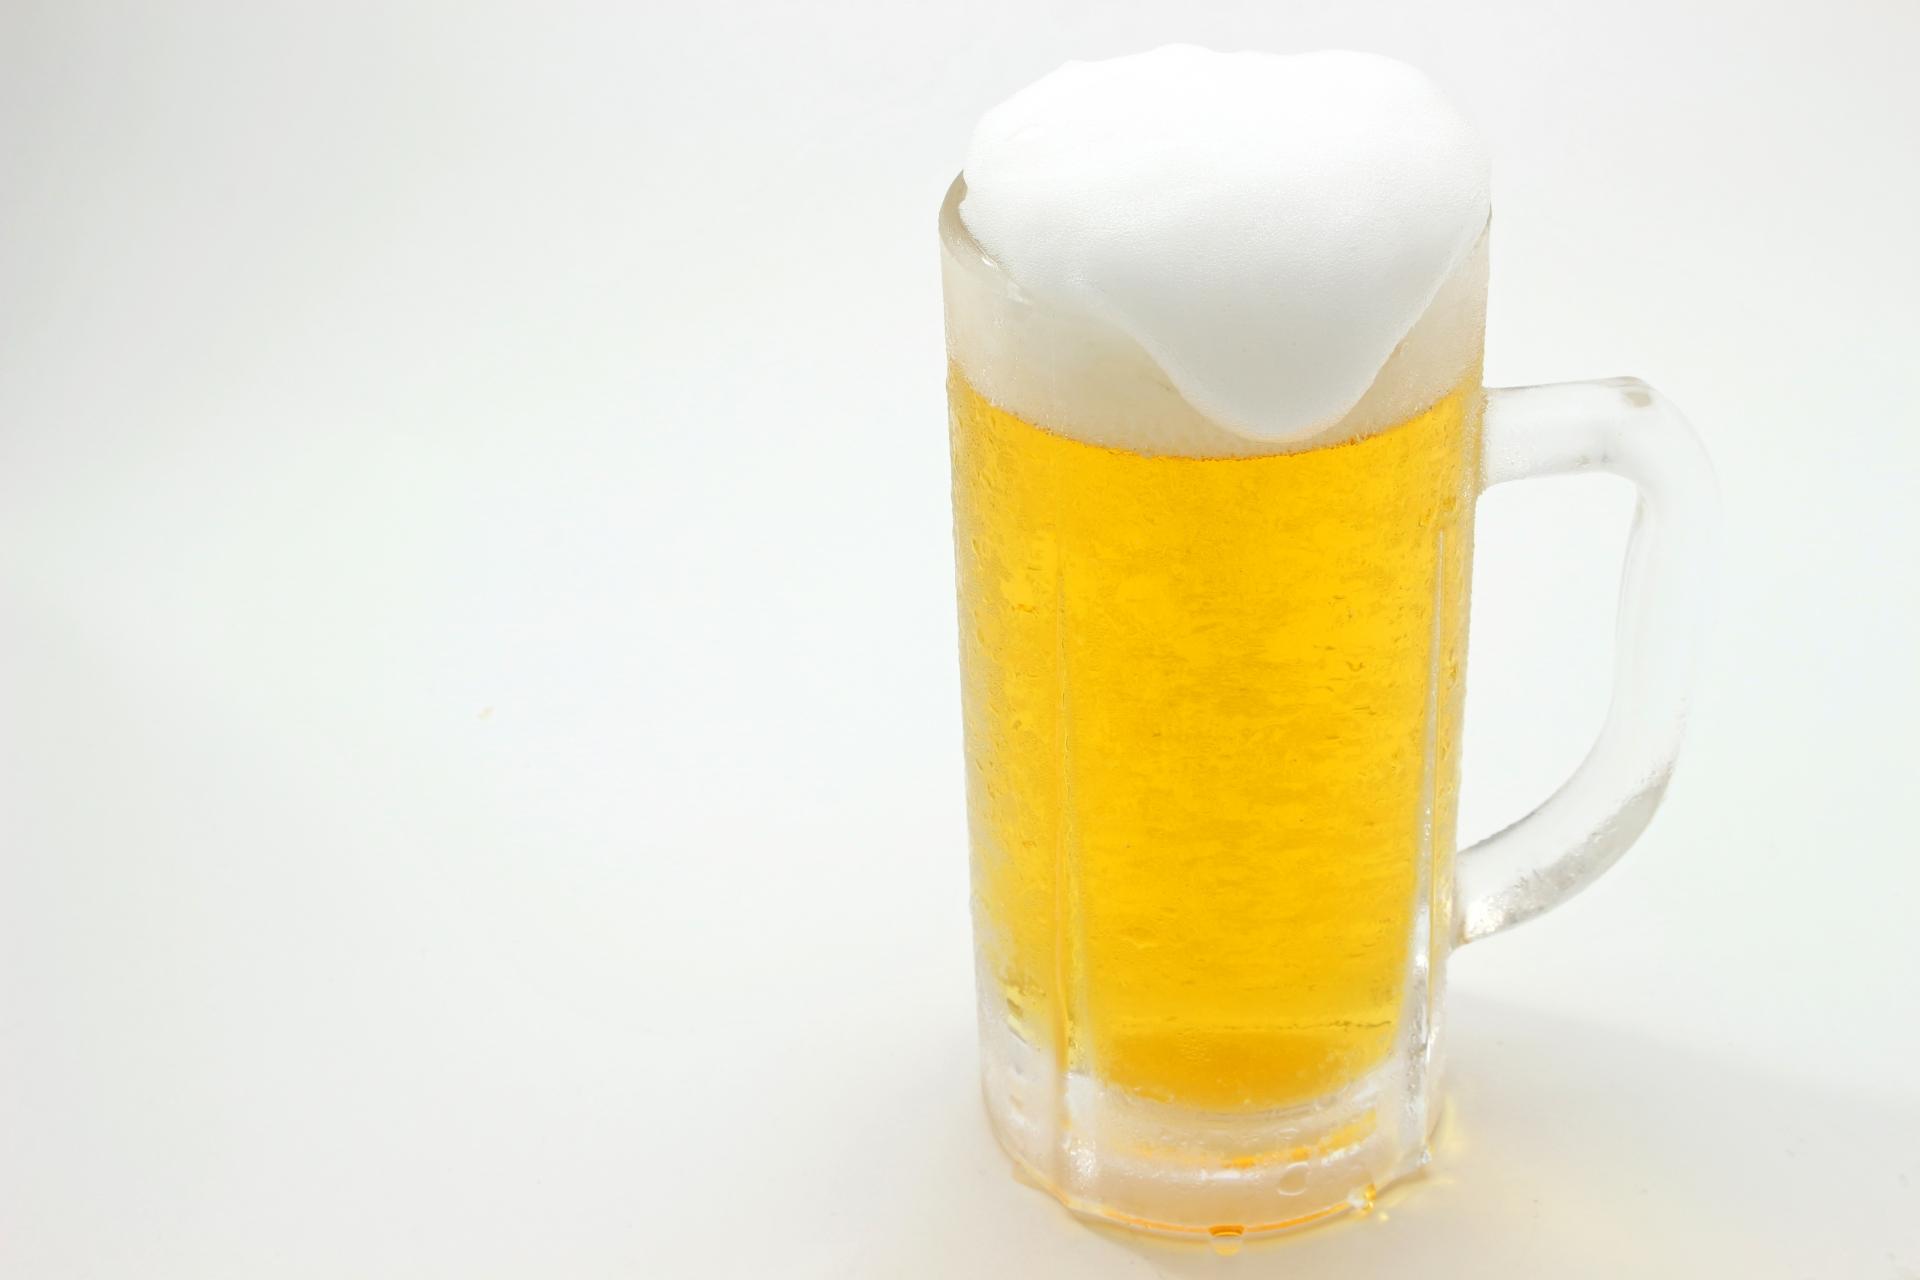 腸管カンジダのリスク、ビール